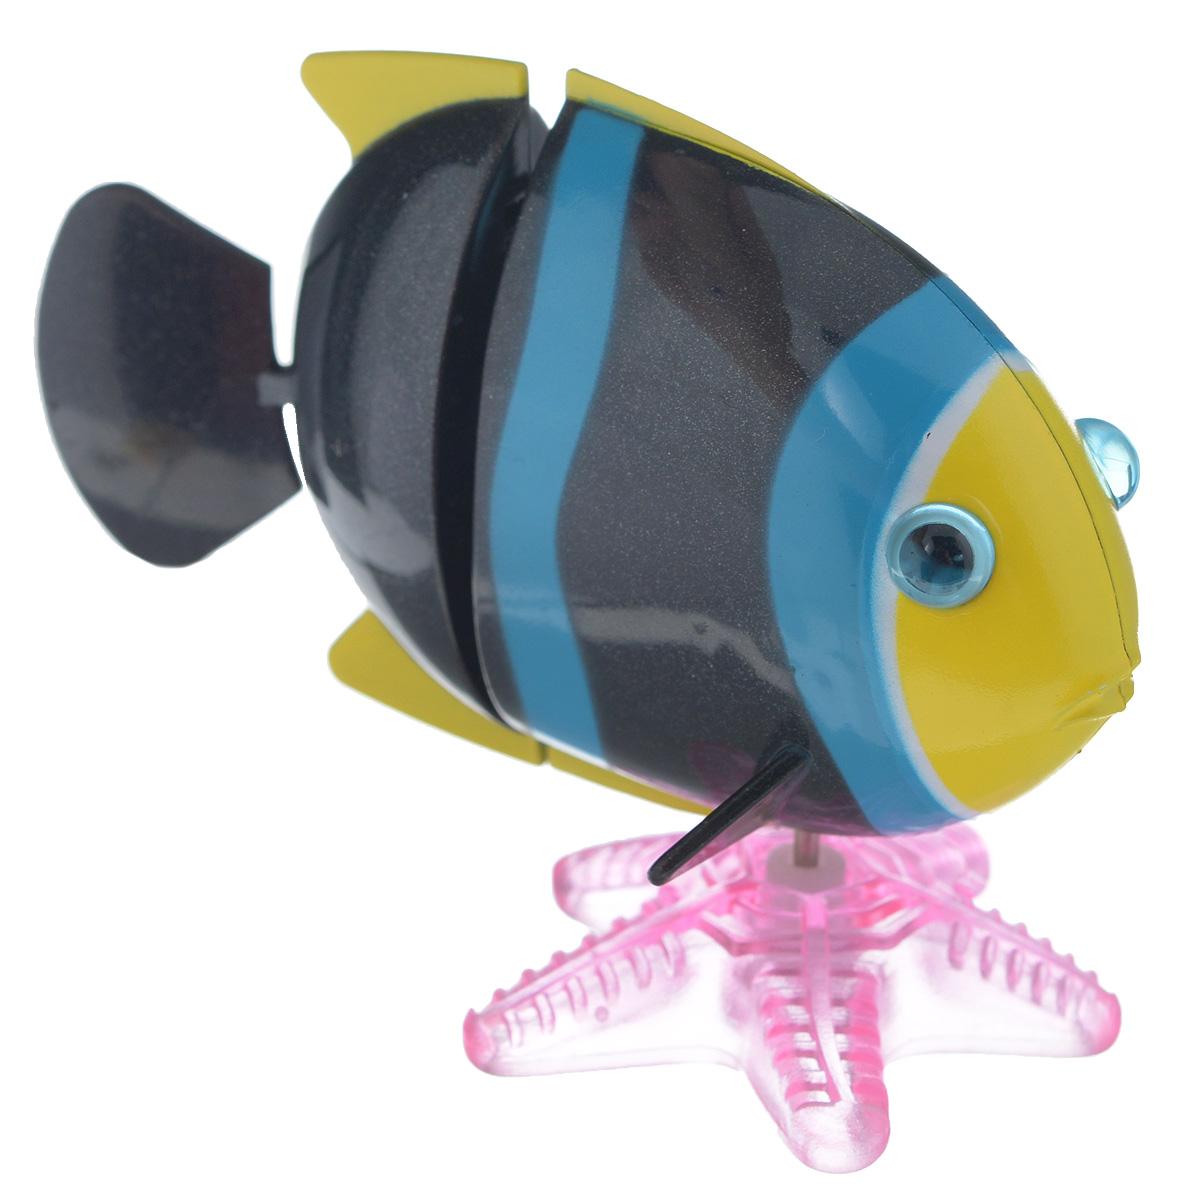 Игрушка заводная Коралловая рыбка, цвет: черный, желтый2K-F2D_ желтый/черныйИгрушка Hans Коралловая рыбка привлечет внимание вашего малыша и не позволит ему скучать! Выполненная из безопасного пластика, игрушка представляет собой забавную рыбку. В комплекте имеется морская звезда, благодаря которой игрушку можно поставить на горизонтальную поверхность. Игрушка имеет механический завод. Для запуска, придерживая гребной винт, поверните заводной ключ по часовой стрелке до упора. Опустите игрушку в воду и она поплывет вперед. Заводная игрушка Hans Коралловая рыбка поможет ребенку в развитии воображения, мелкой моторики рук, концентрации внимания и цветового восприятия. Игрушка упакована в пластиковое яйцо, которое можно использовать как копилку.